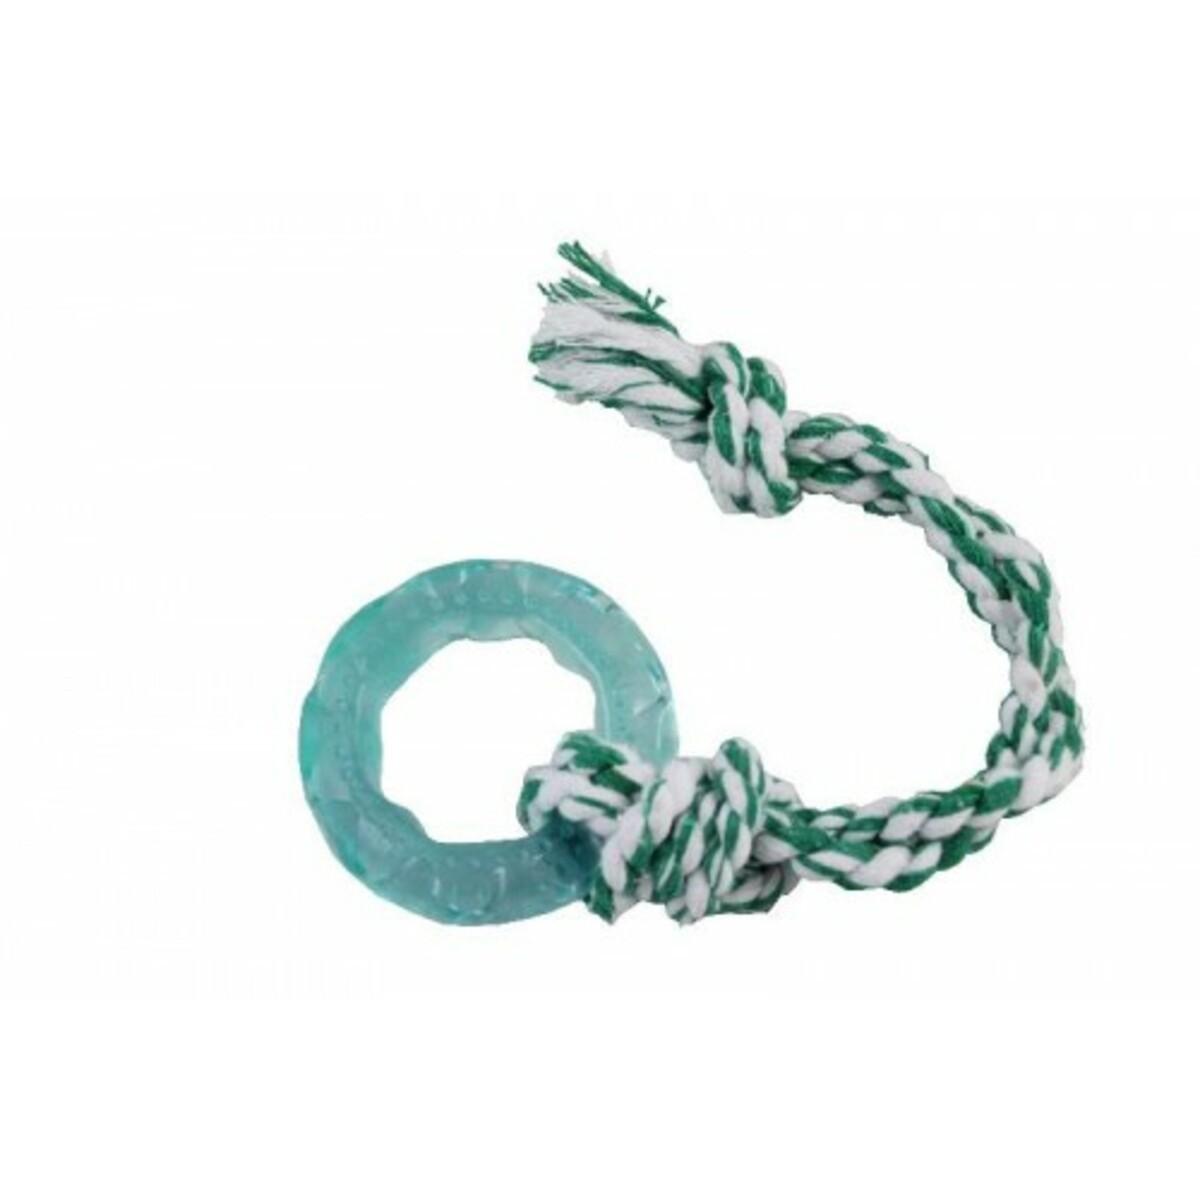 Brinquedo pneu Azul Slick Flex C/ corda  Azul e Branco